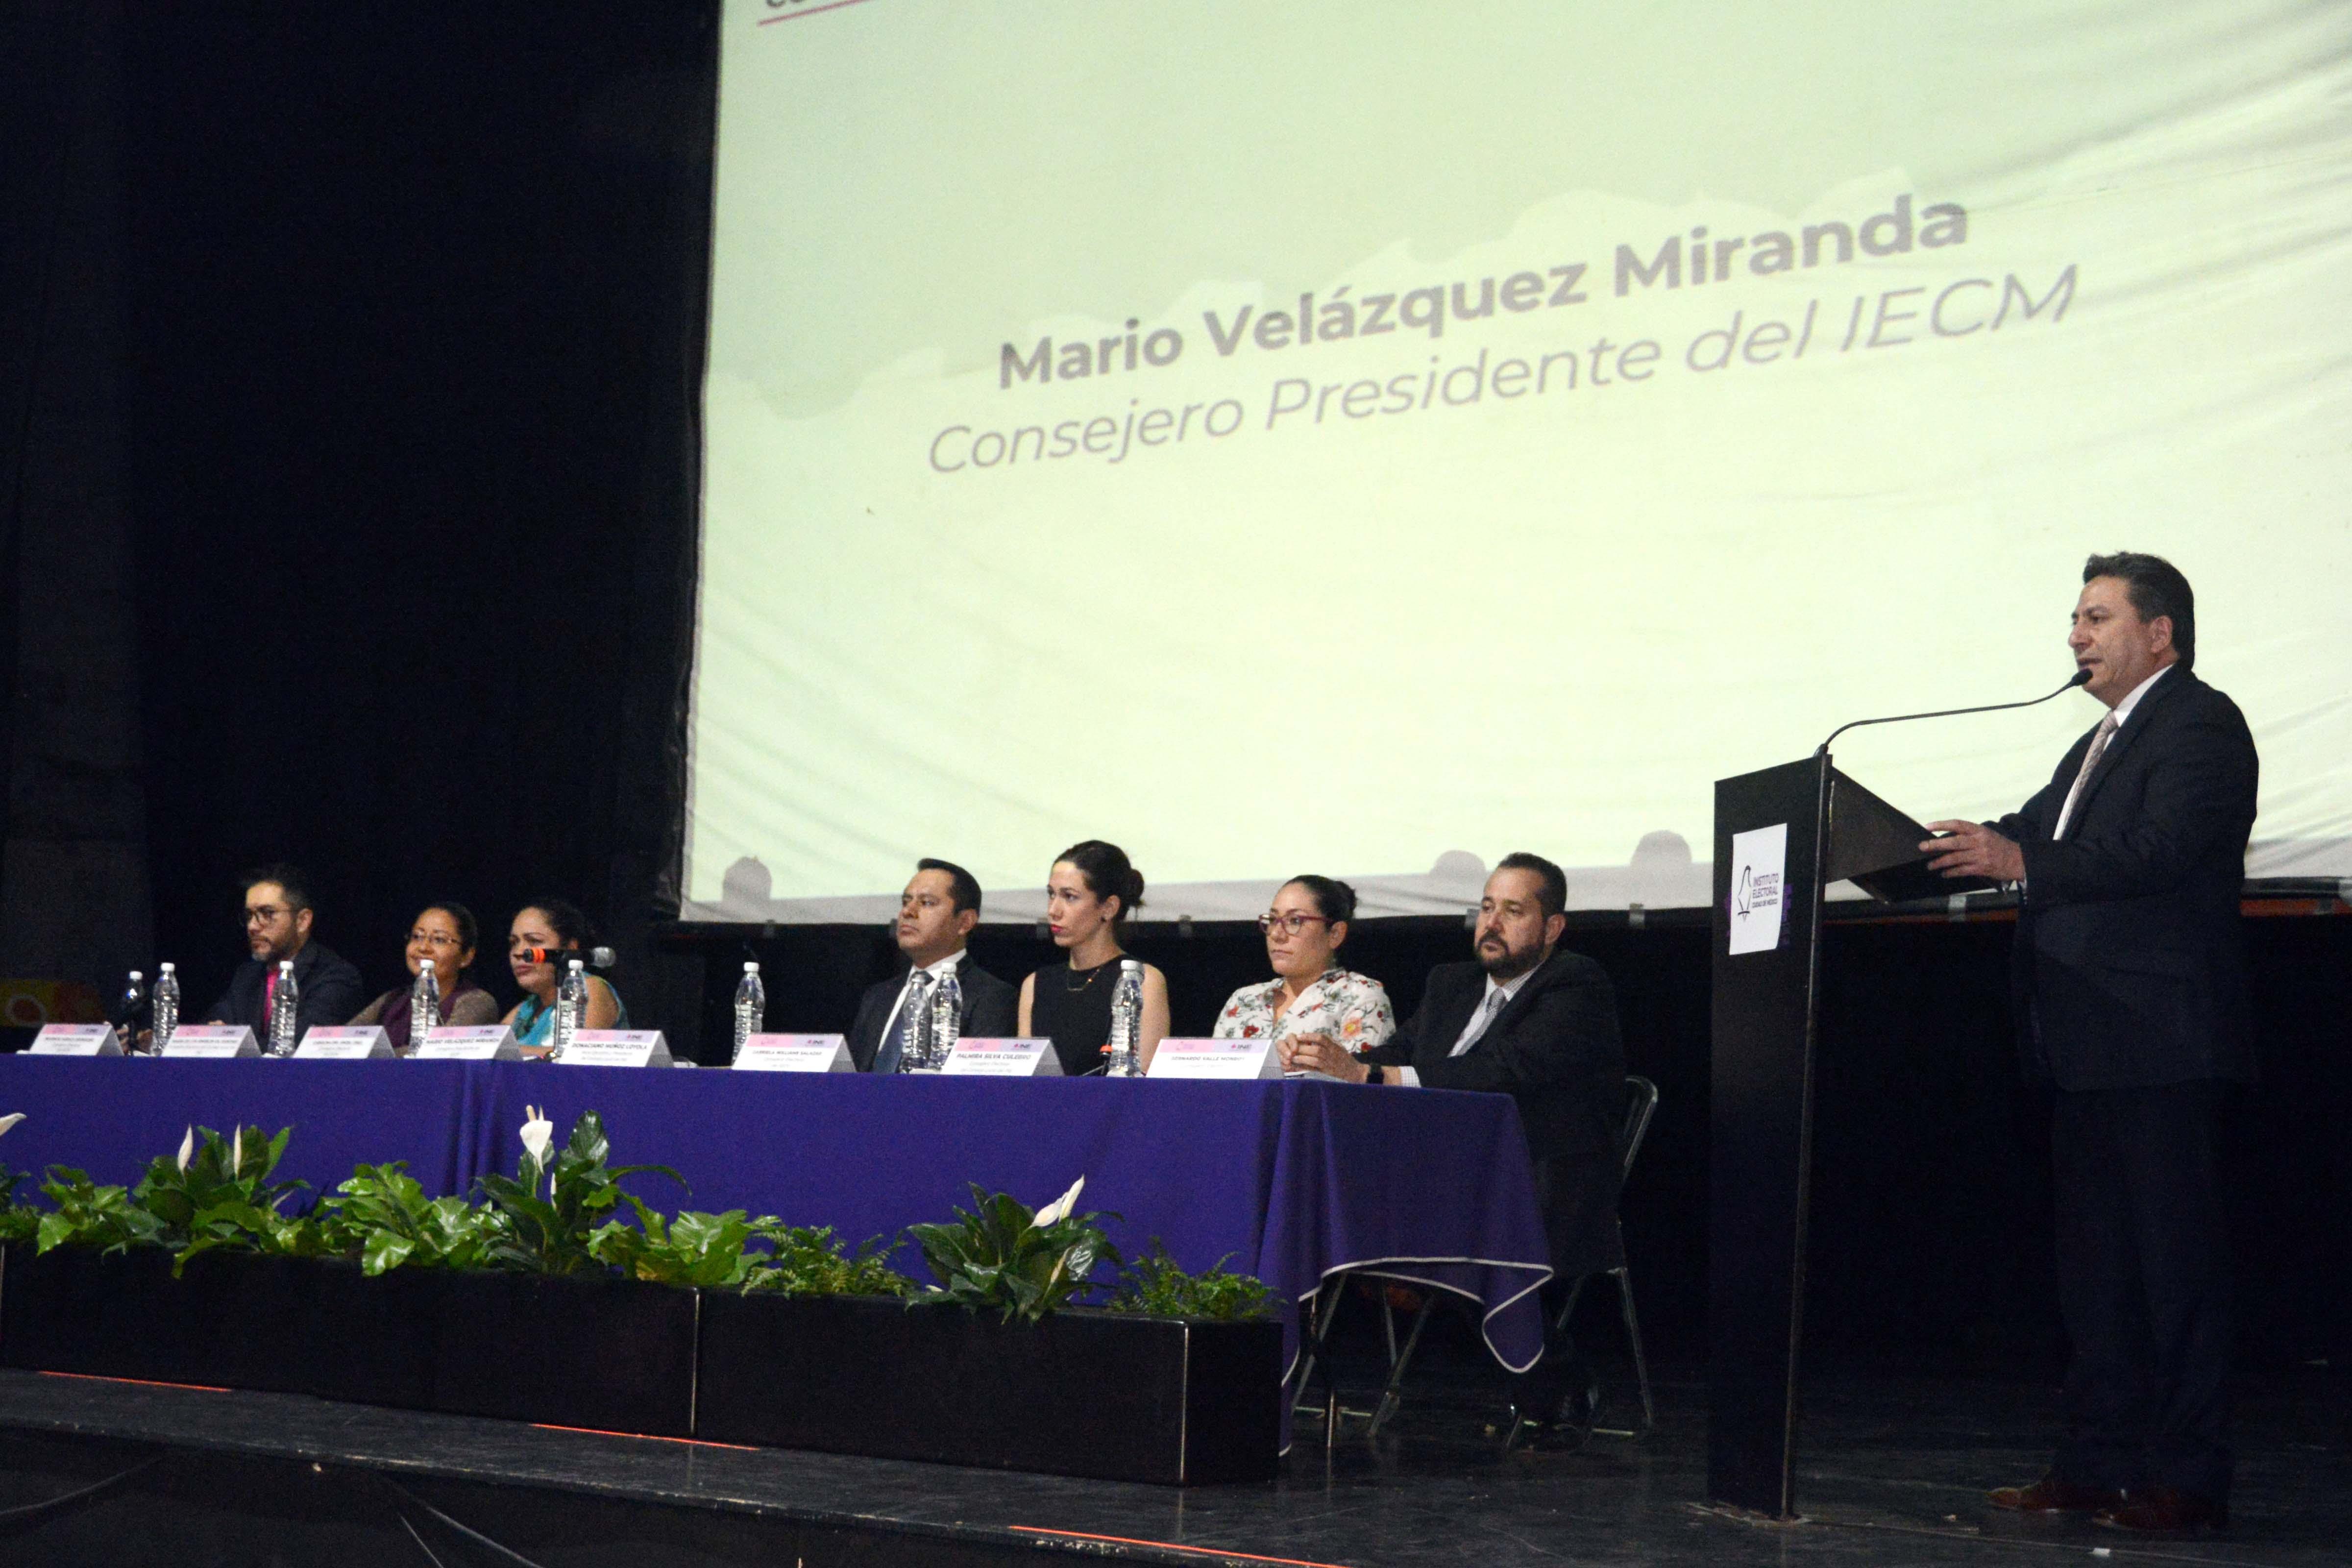 Colaboración INE-IECM, la base para la organización de un proceso electoral exitoso en la CDMX: consejero Mario Velázquez Miranda